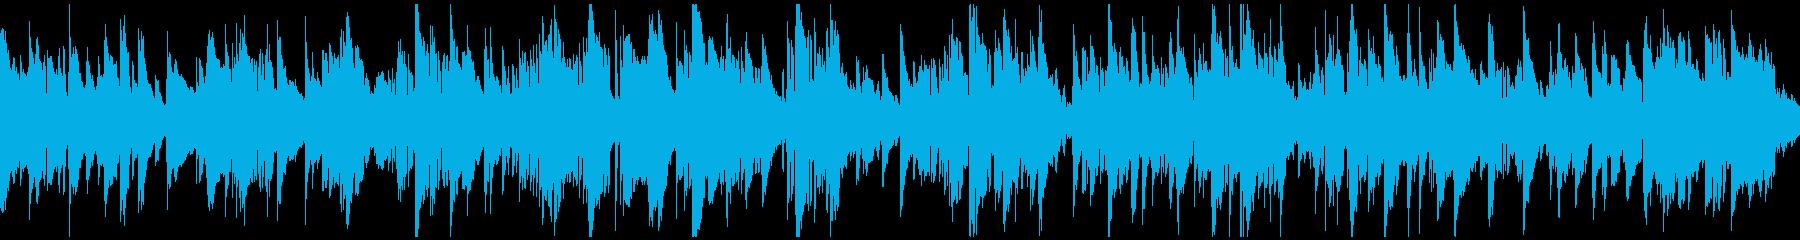 哀愁、悲しみのジャズバラード ※ループ版の再生済みの波形